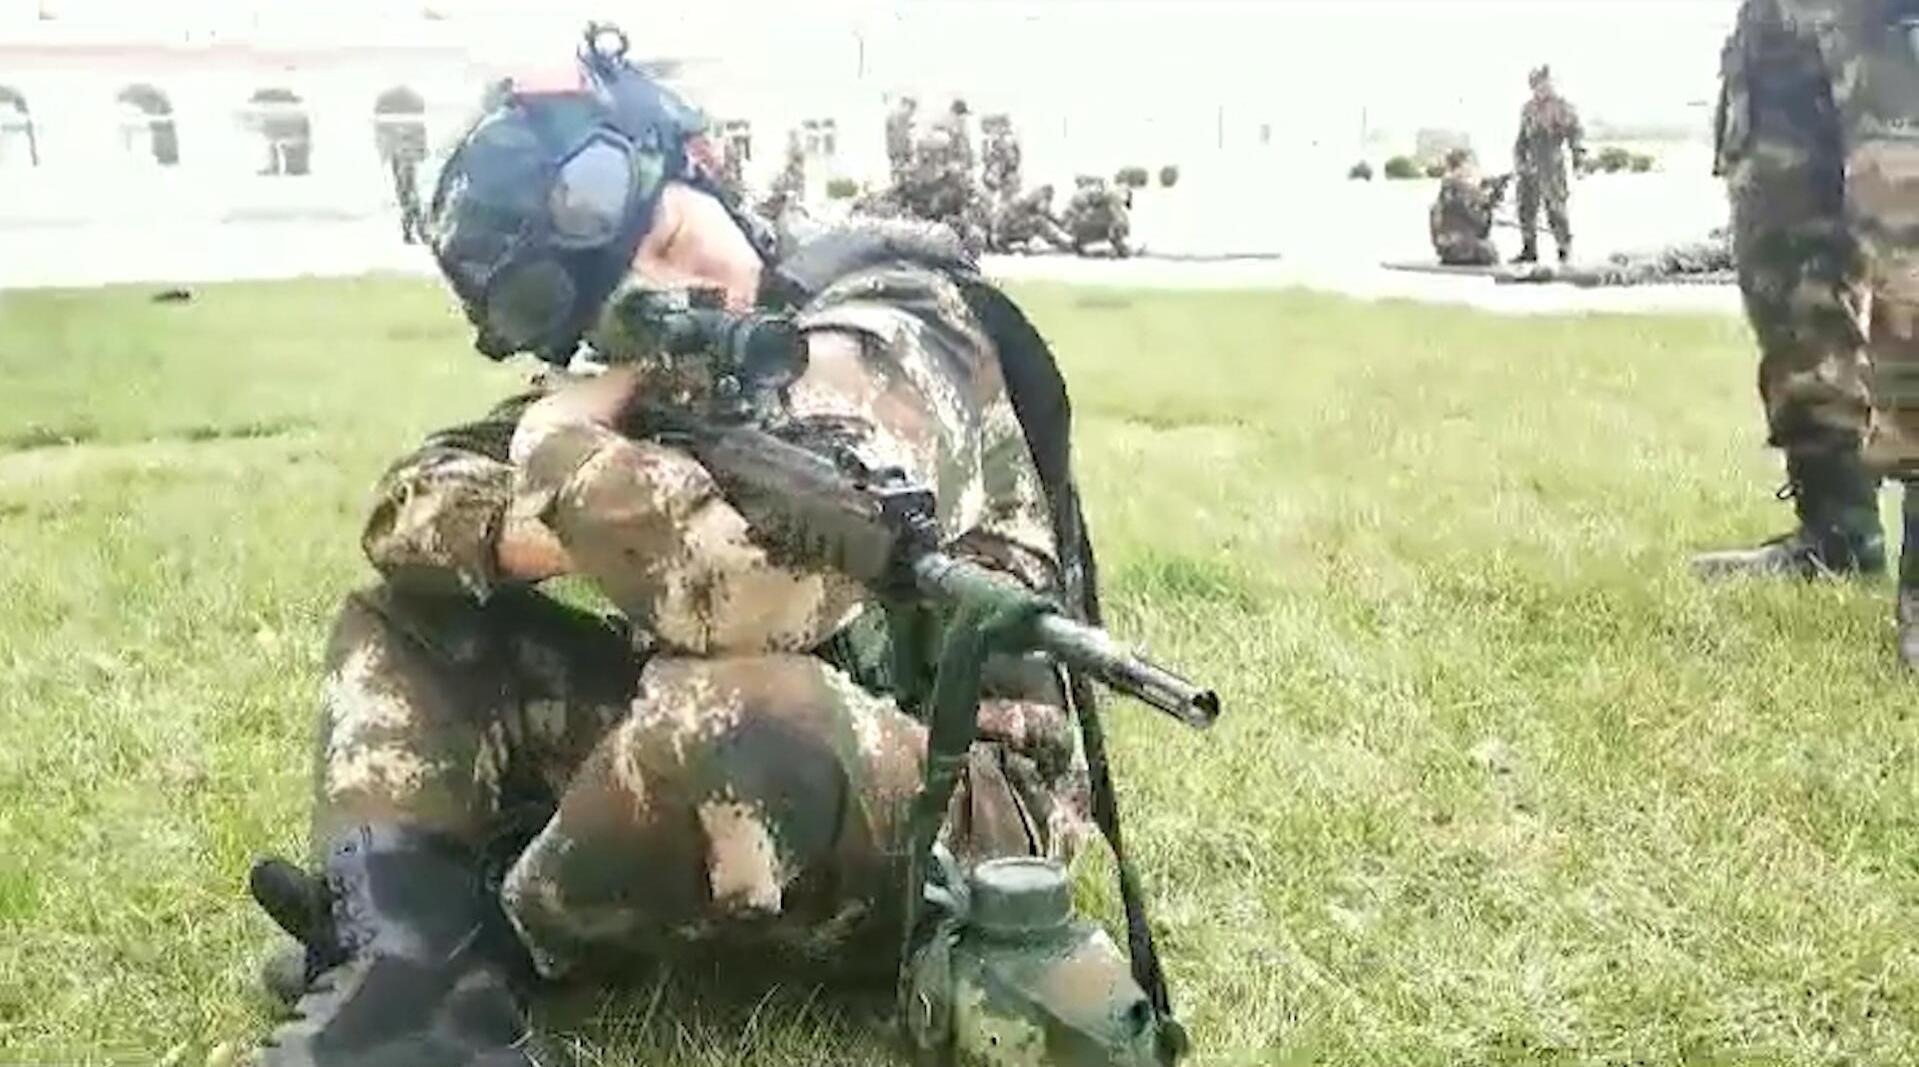 军营版《下山》,看武警战士如何记录军旅日常,致敬中国军人!